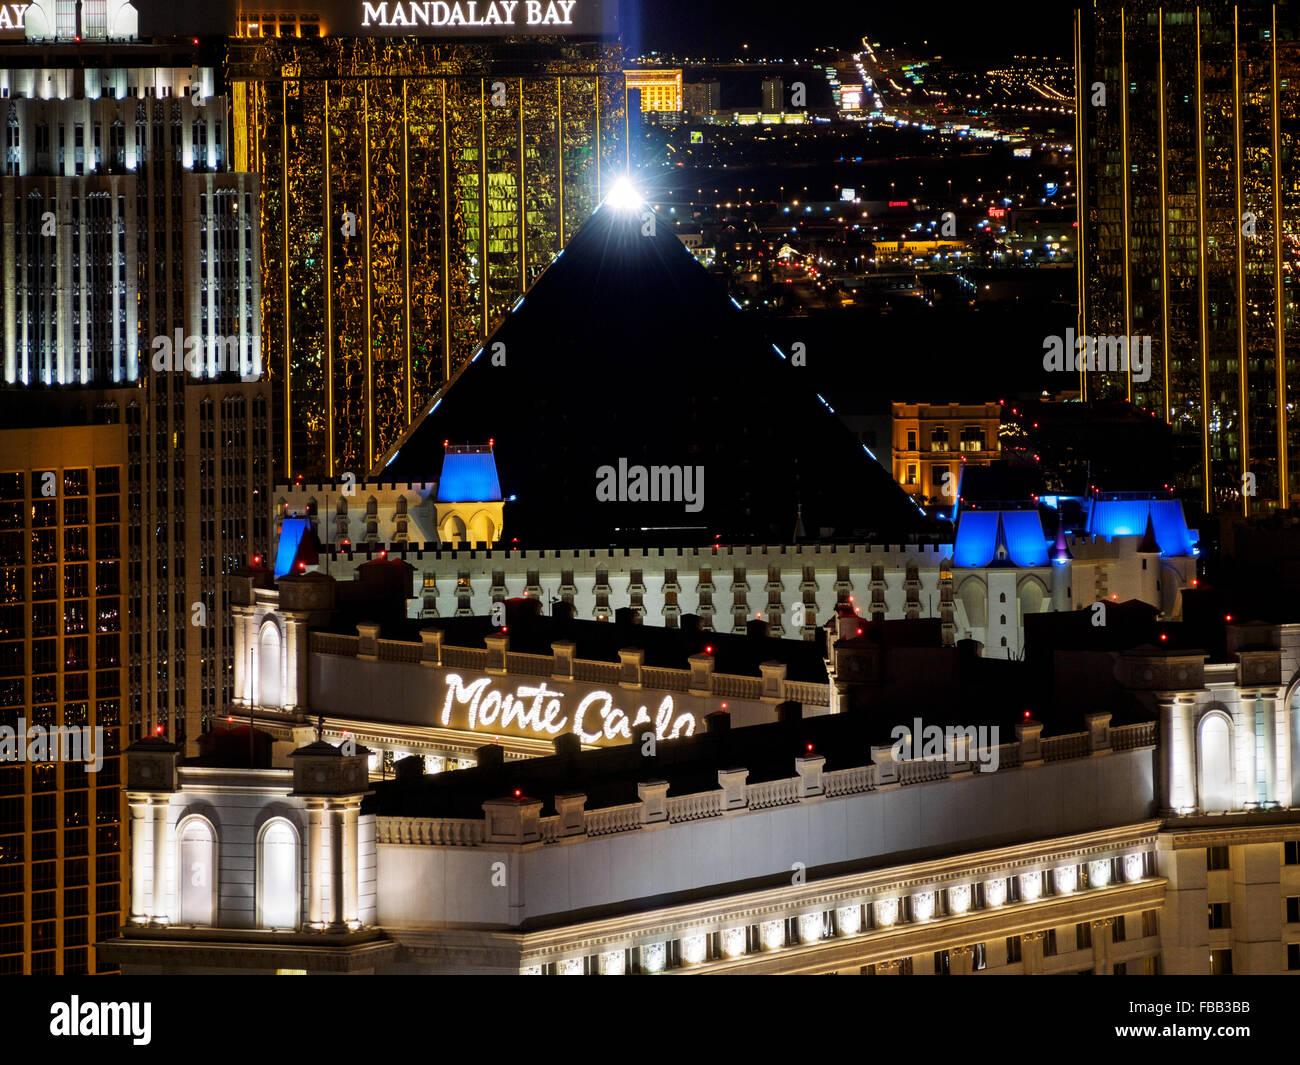 Pyramid New York Stockfotos & Pyramid New York Bilder - Seite 3 - Alamy